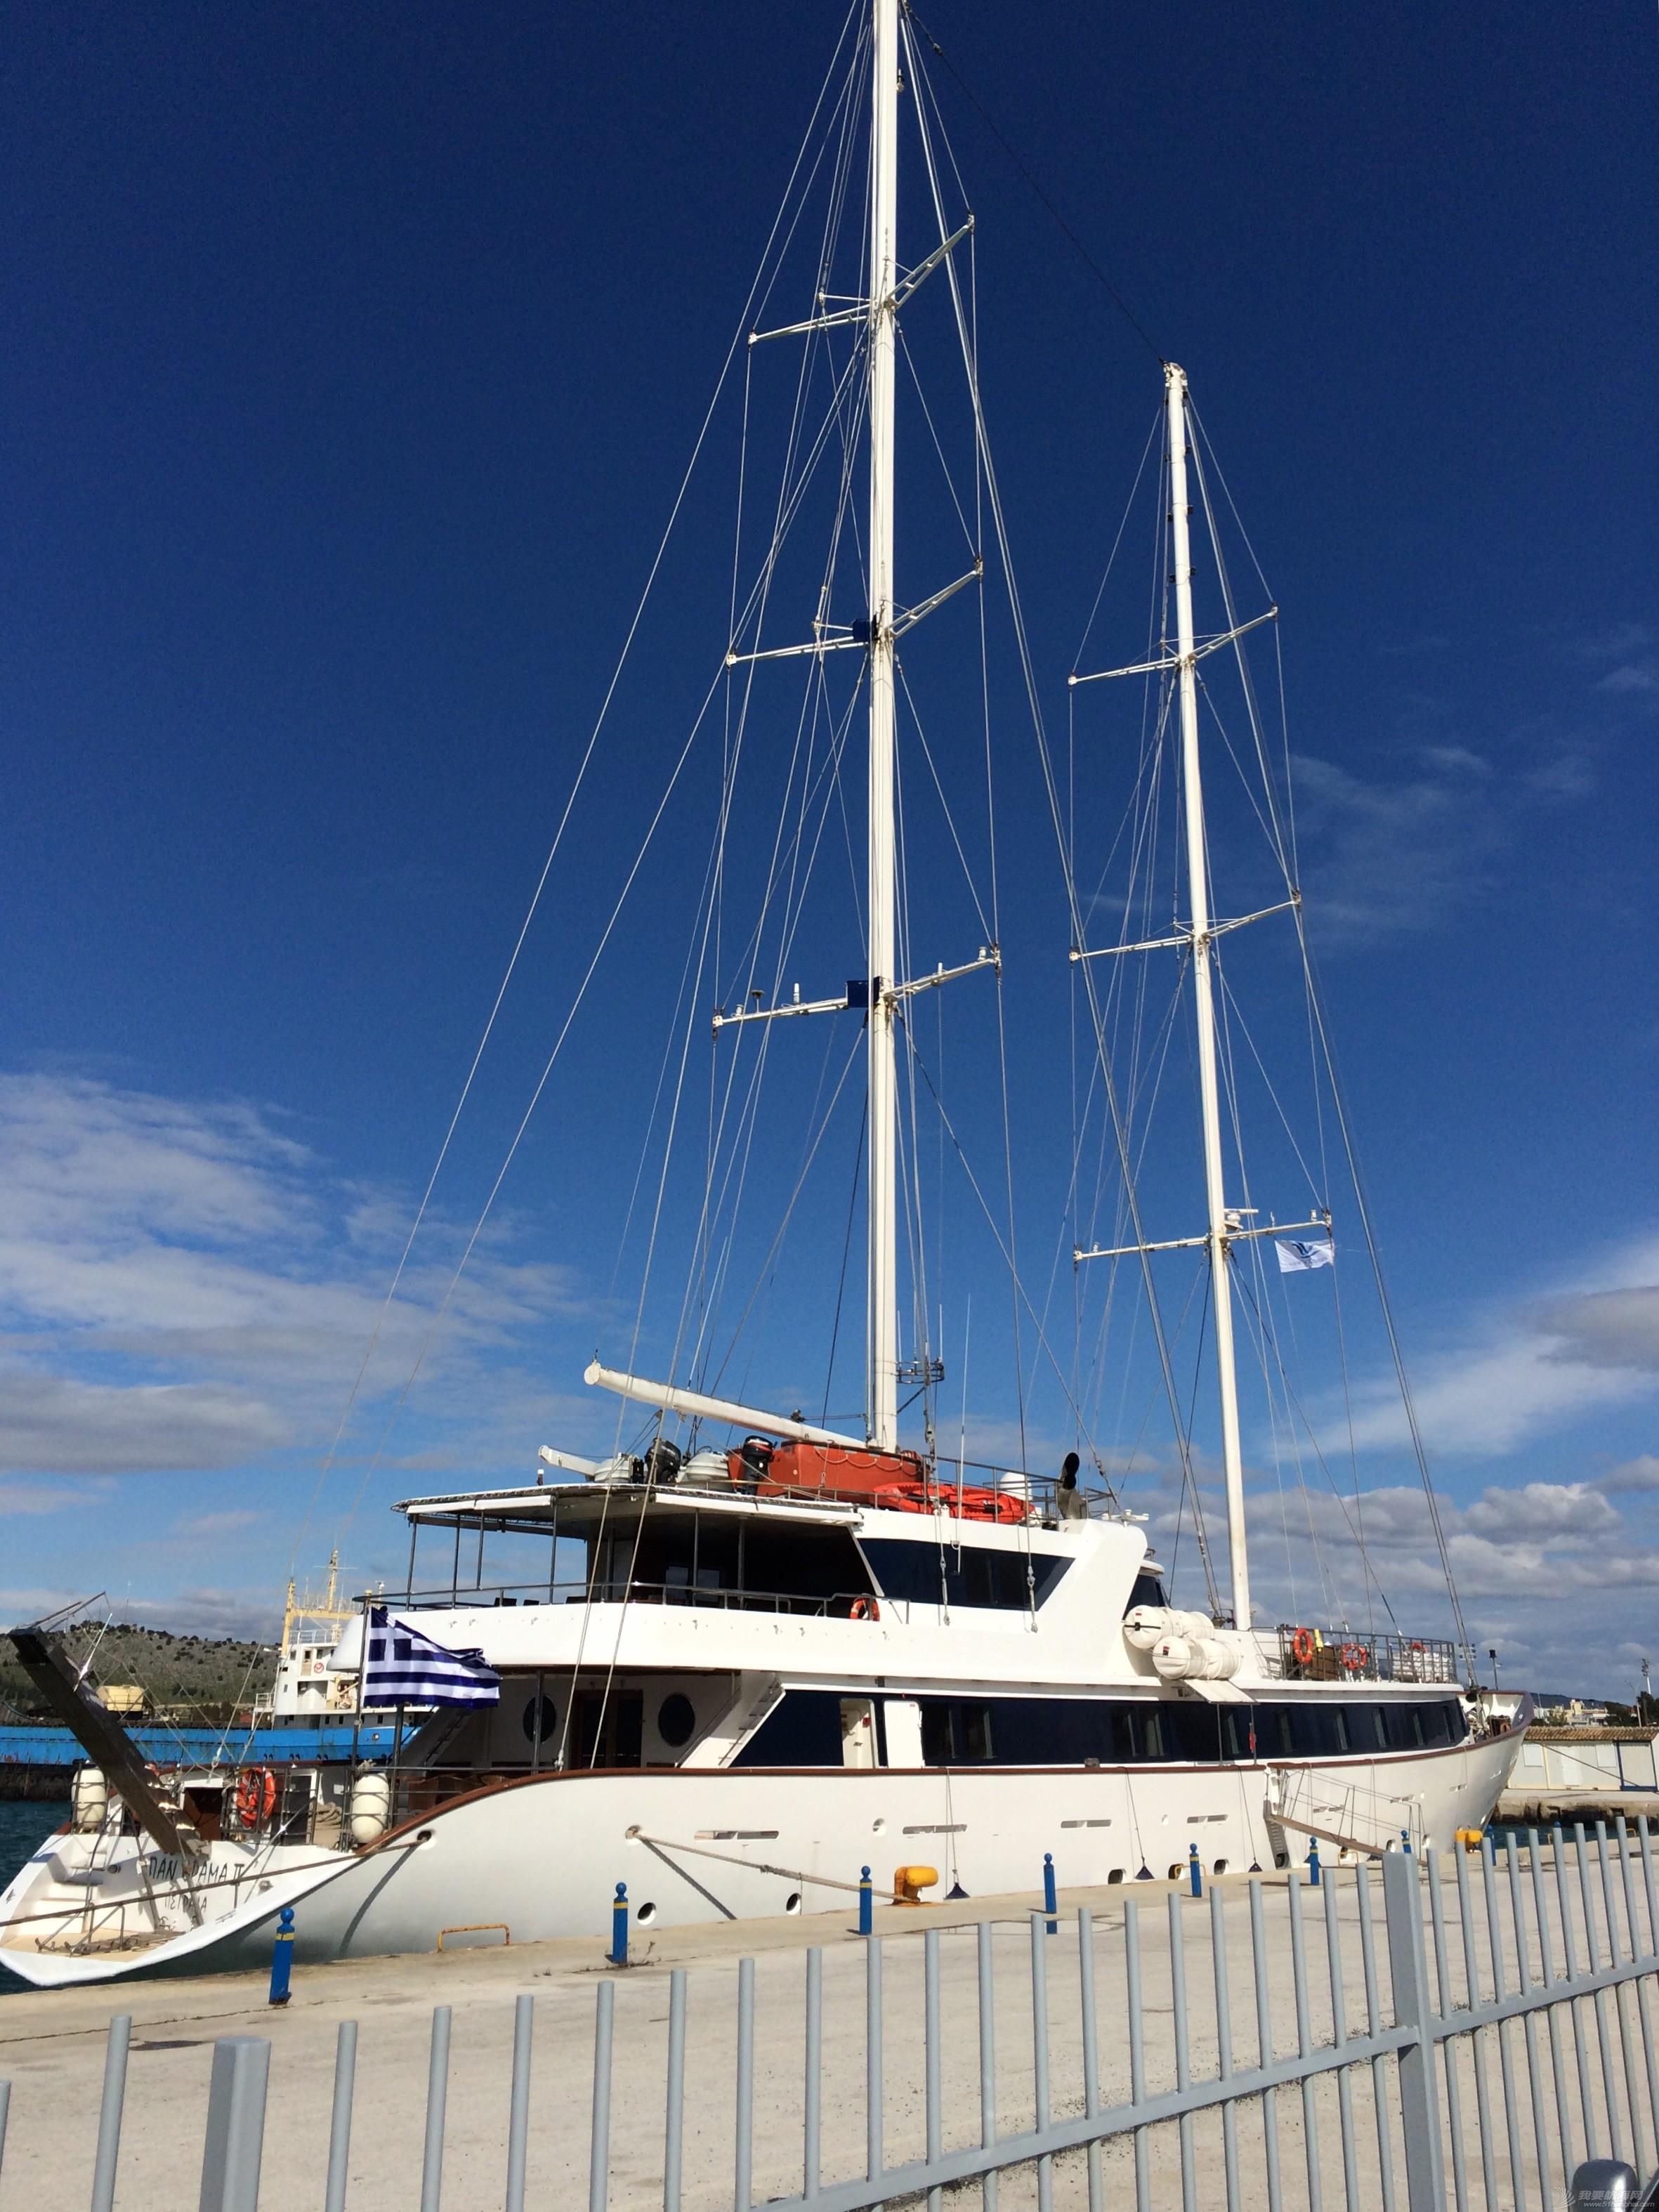 周末自驾游,威尼斯人,帆船,海边,利斯 你见过甲板上有两层的帆船吗?知道这条帆船是多少尺的吗? 2015-03-08IMG_4868.JPG